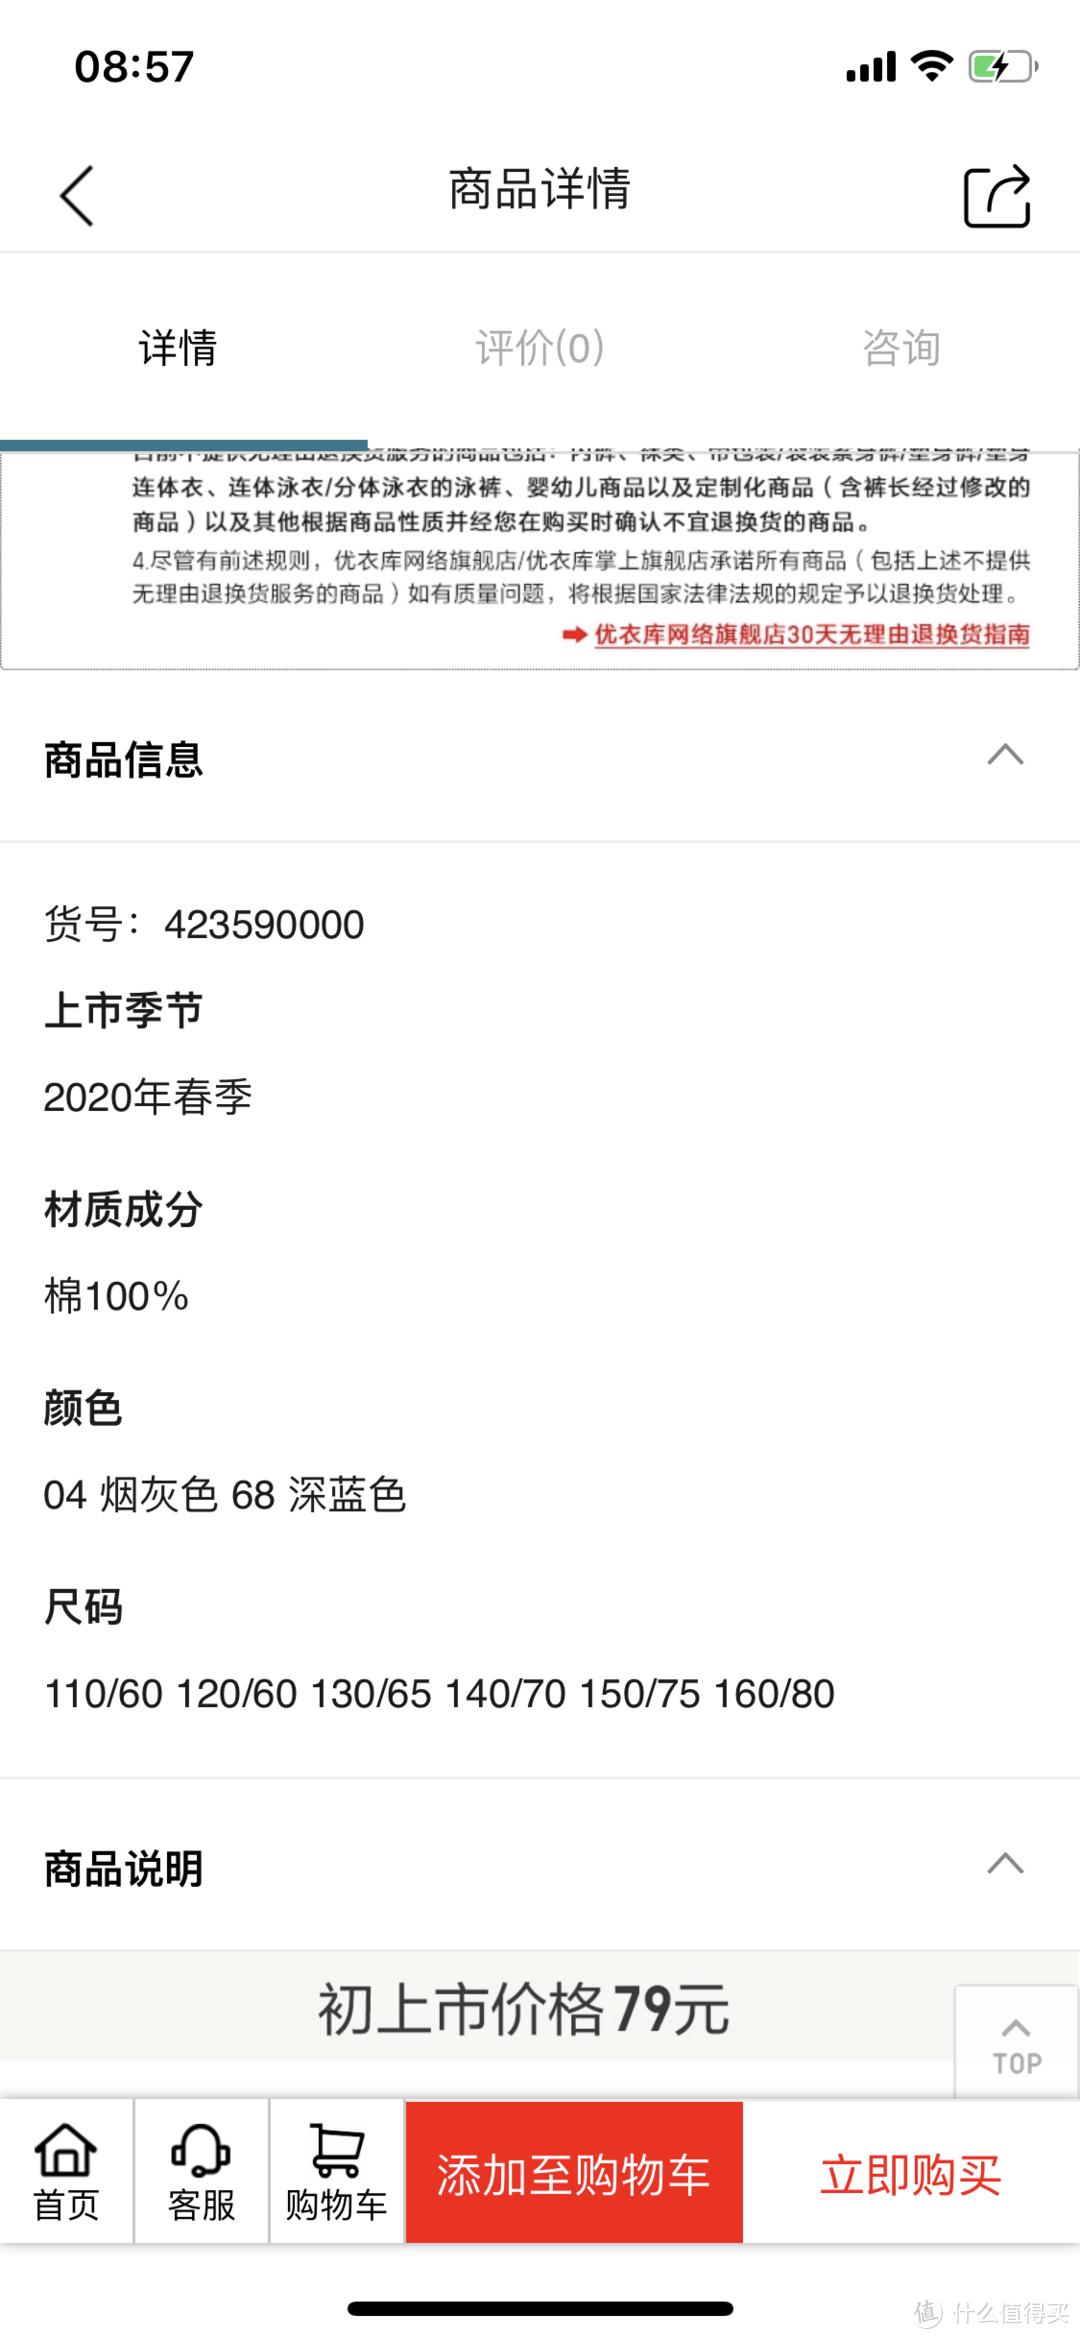 新春年货武装到内裤—优衣库棉质儿童内裤(帆船印花,尺码110)